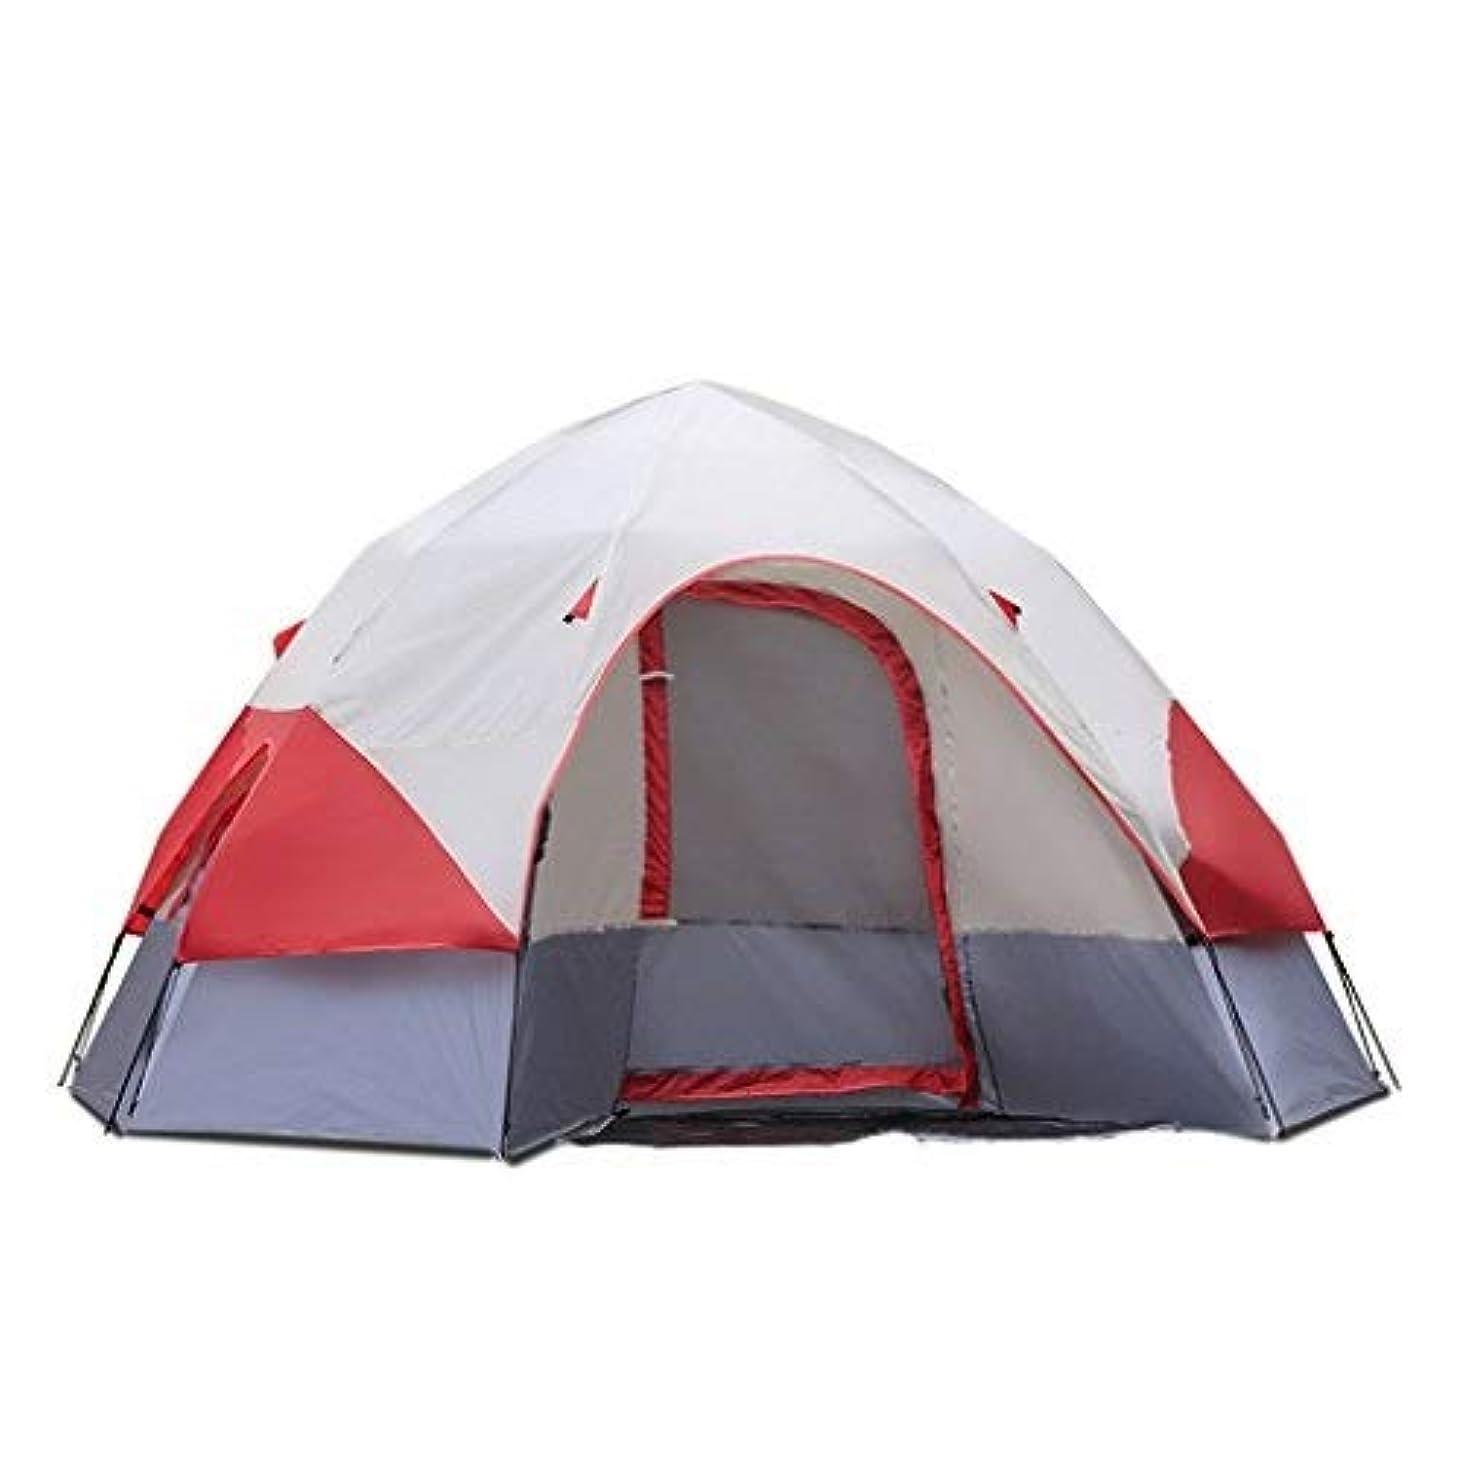 ボーカル変換する親密なテント、キャンプテント、自動パオ防雨屋外キャンプ家族のテント